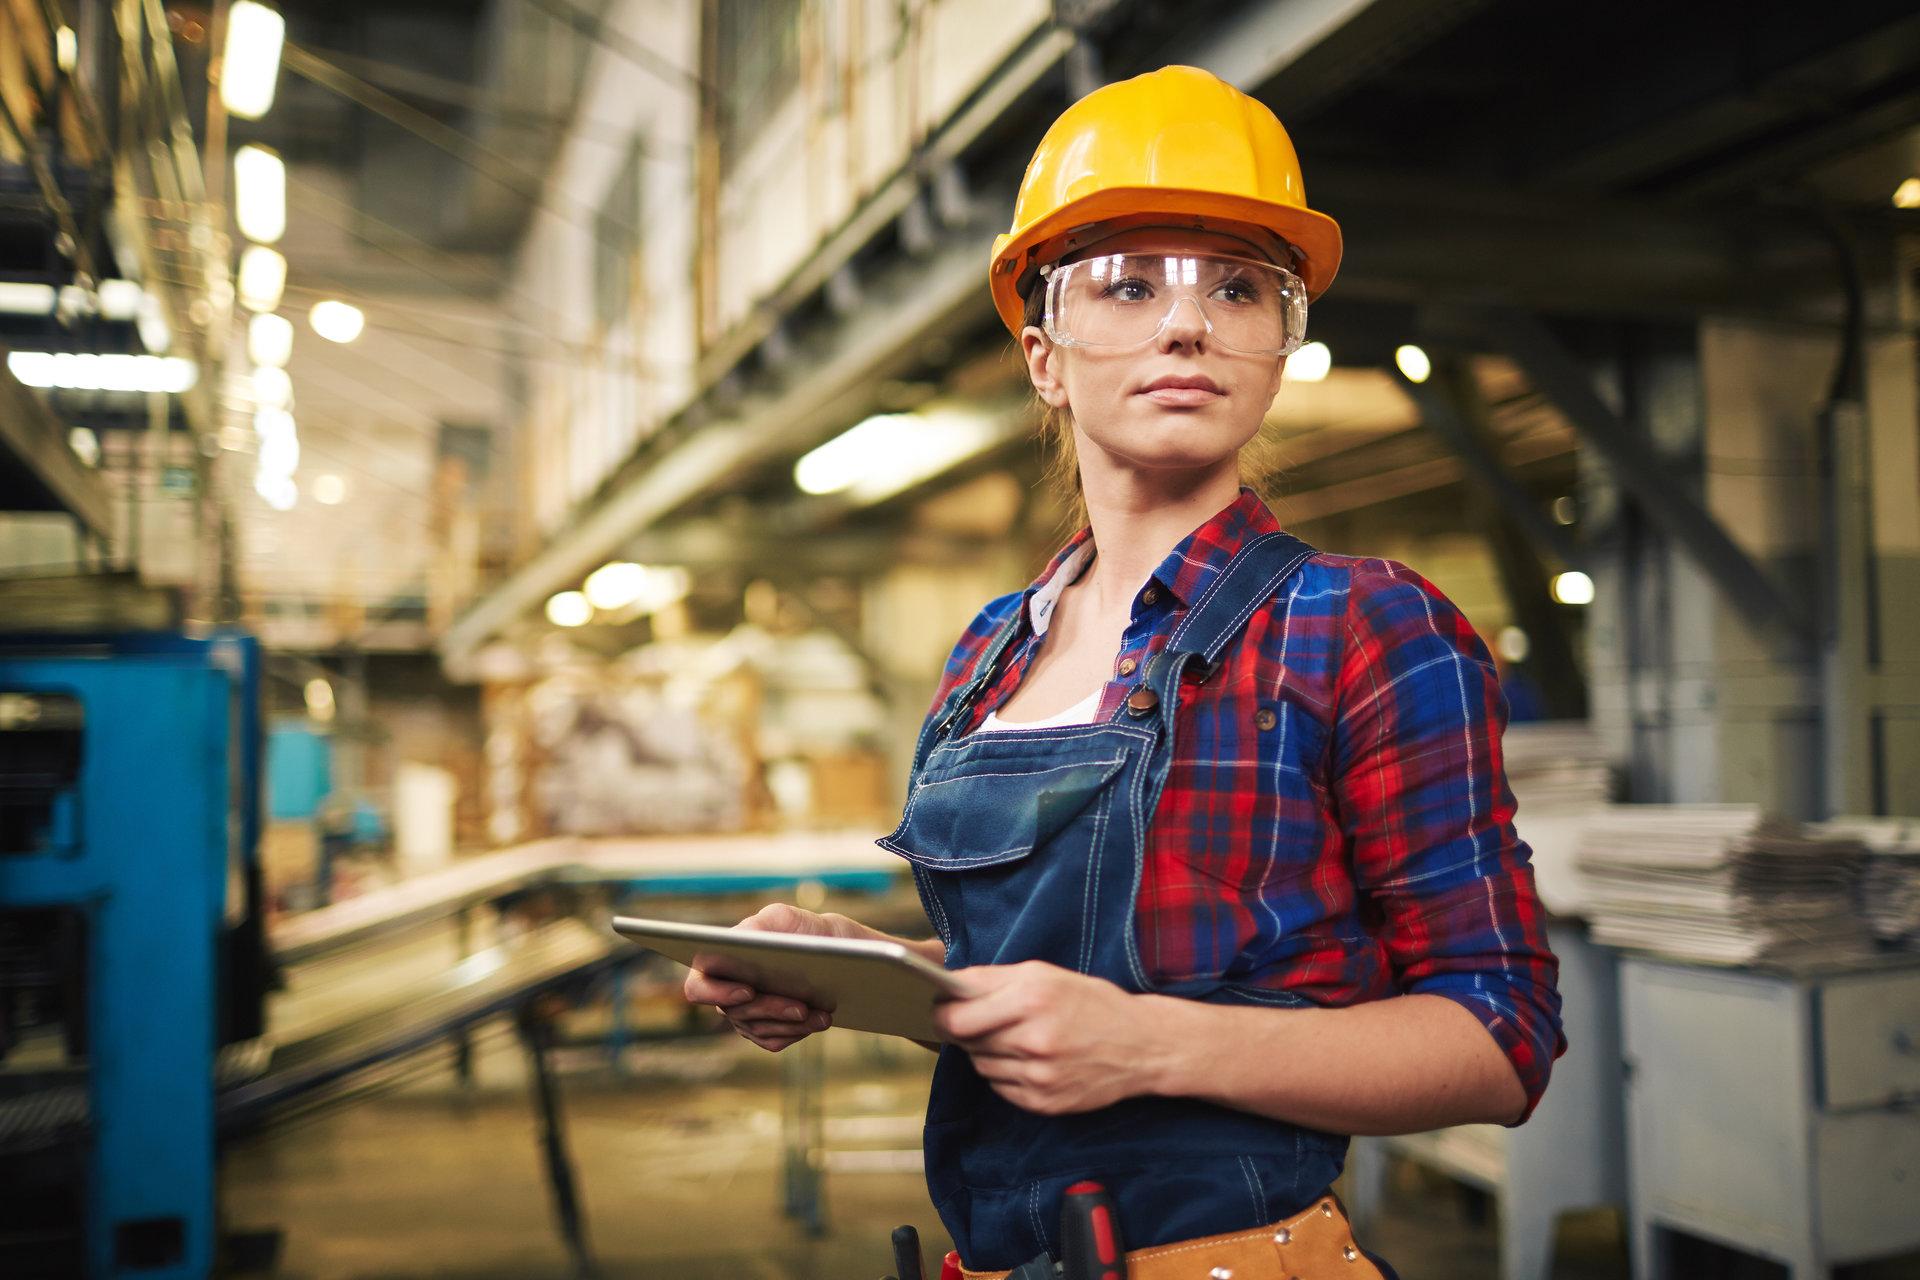 femeie in echipament de lucru (salopeta, casca, ochelari de protectie) intr-o uzina/fabrica; chemare la implicarea voluntarilor, mentorilor, consilierilor vocationali